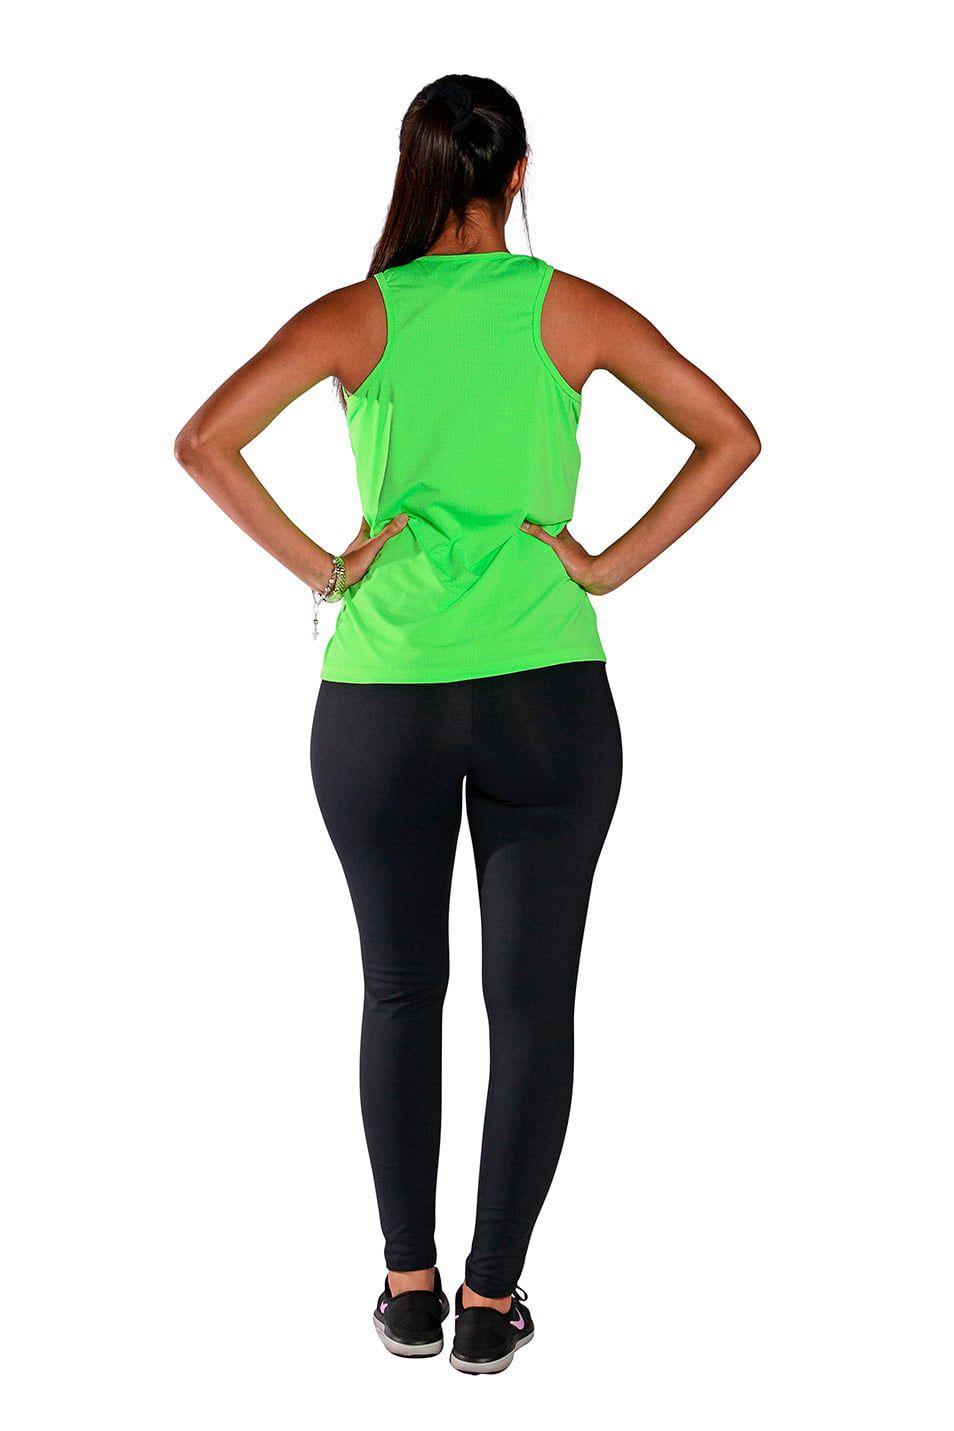 Camiseta Feminina Regata UV 50+ New Trip Verde Fluorescente